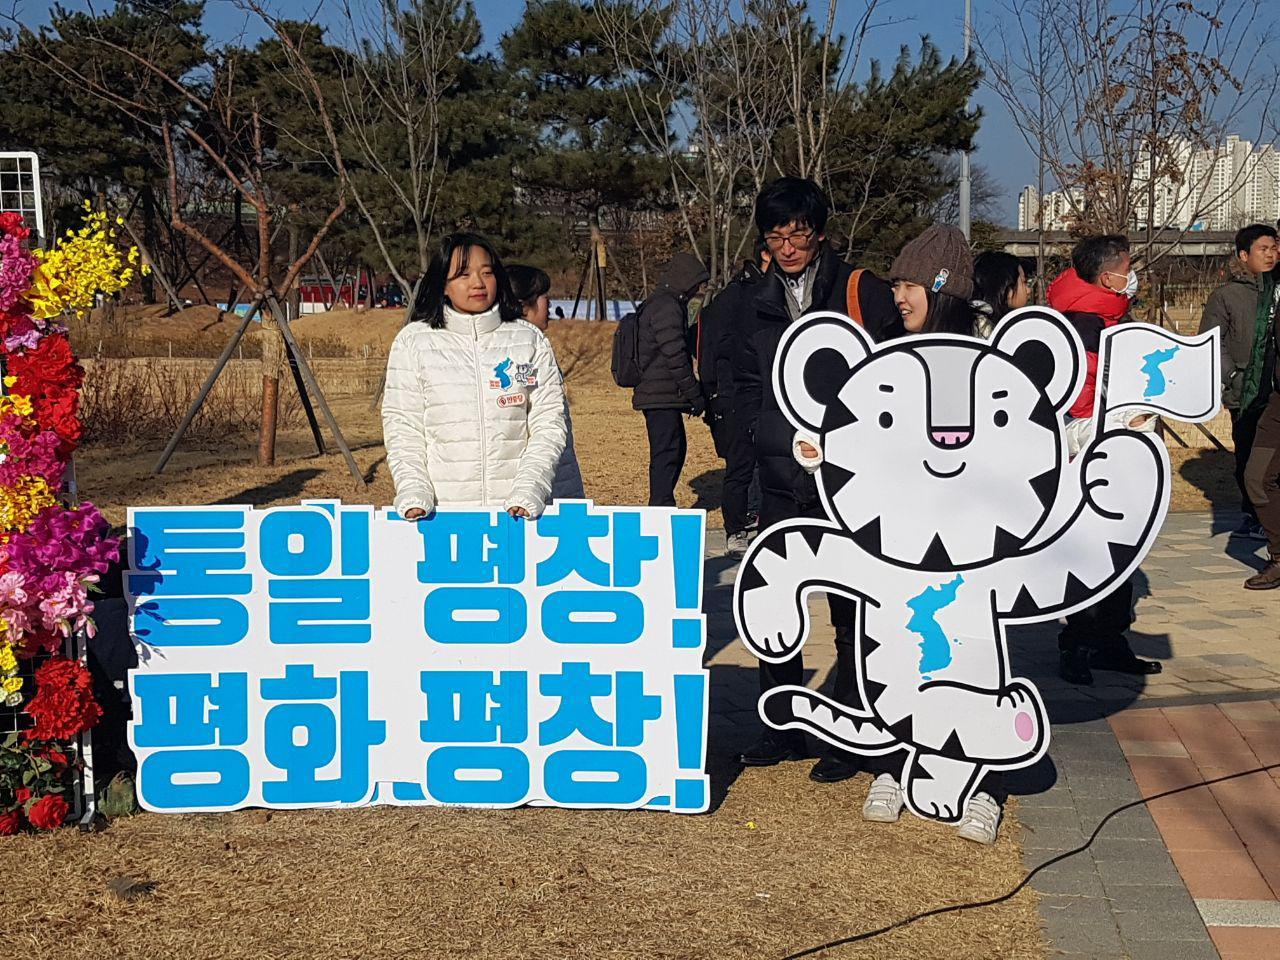 인천 선학 국제빙상경기장 입구 주변 평창겨울올림픽을 앞두고 남북 여자아이스하키 단일팀과 스웨덴의 평가전이 열린 선학 국제빙상경기장의 바깥의 모습.